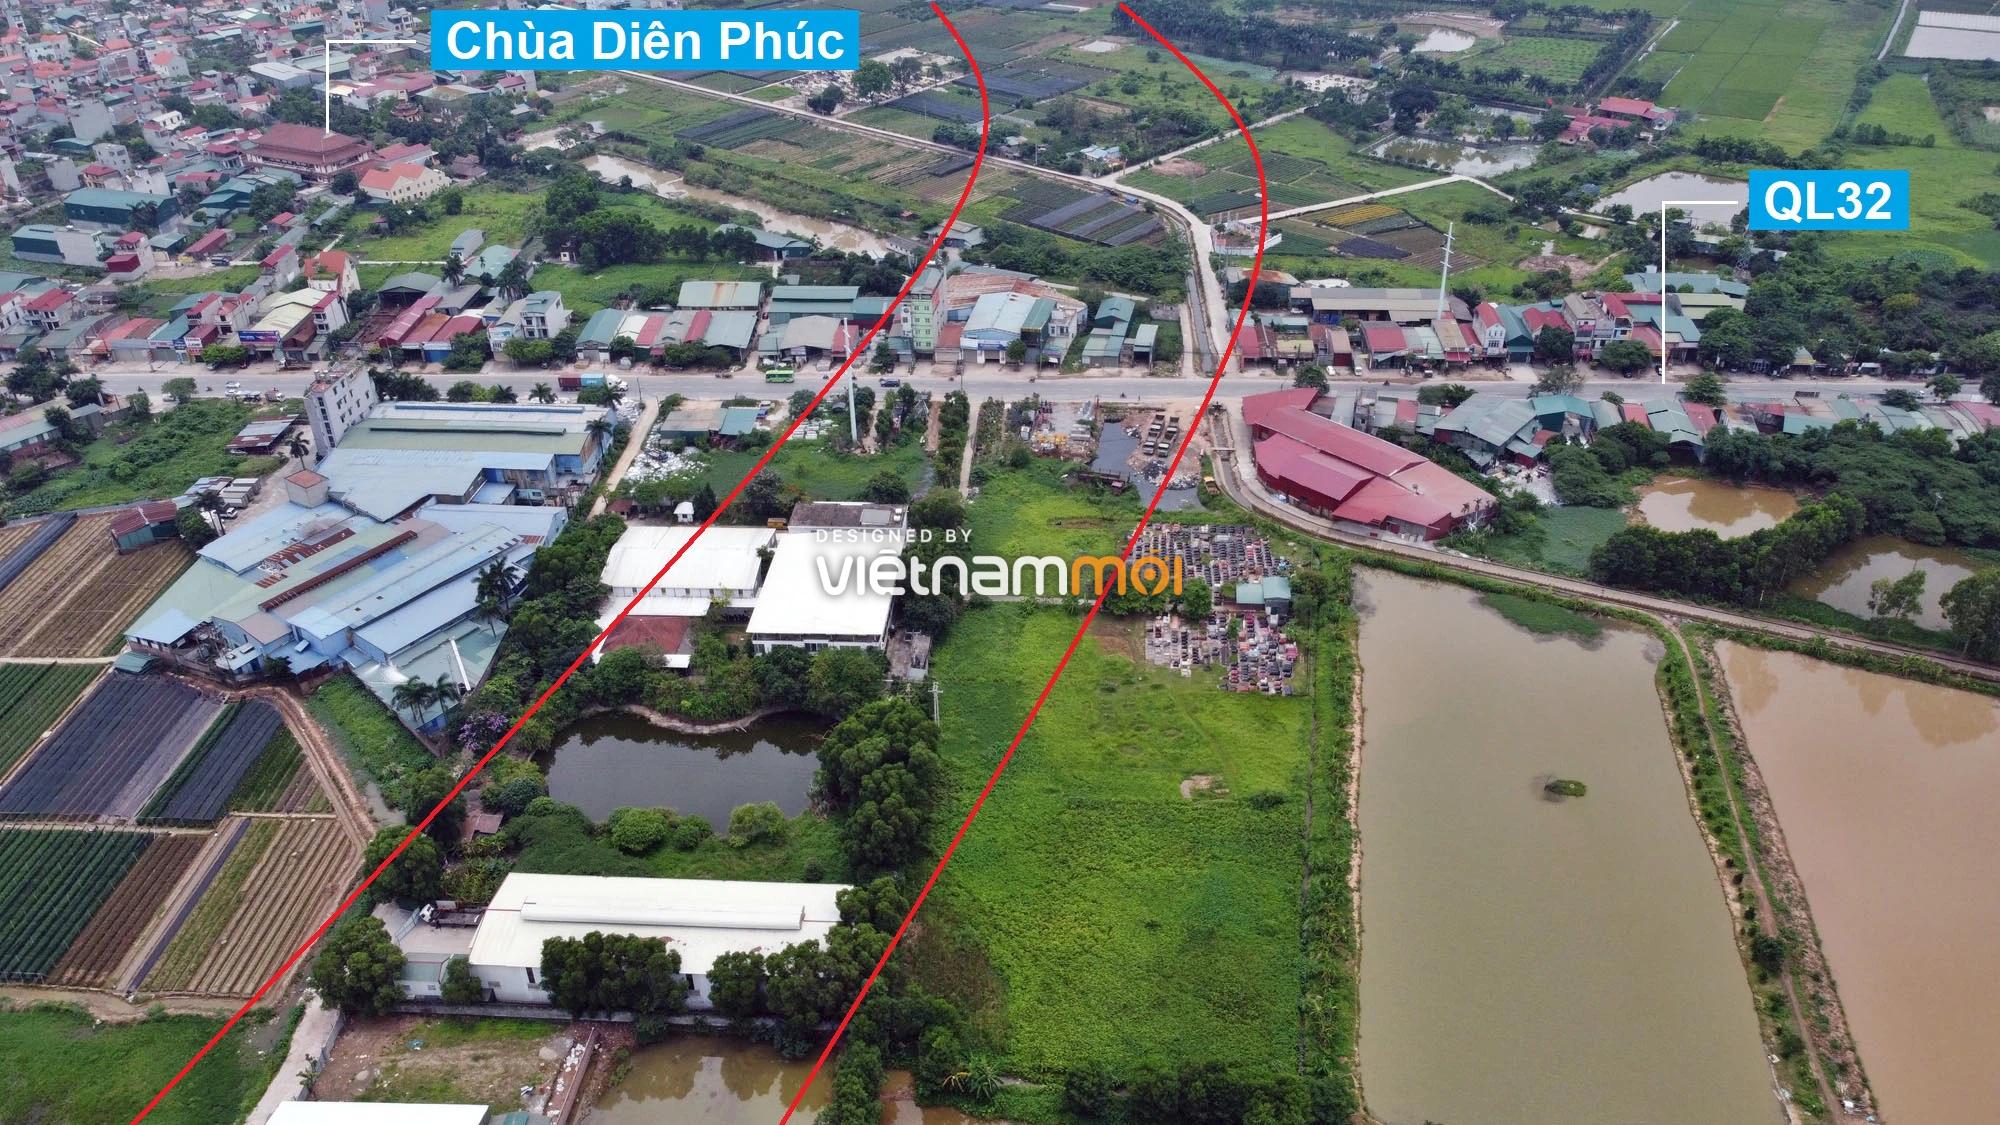 Đường Vành đai 4 sẽ mở theo quy hoạch qua huyện Hoài Đức, Hà Nội - Ảnh 2.